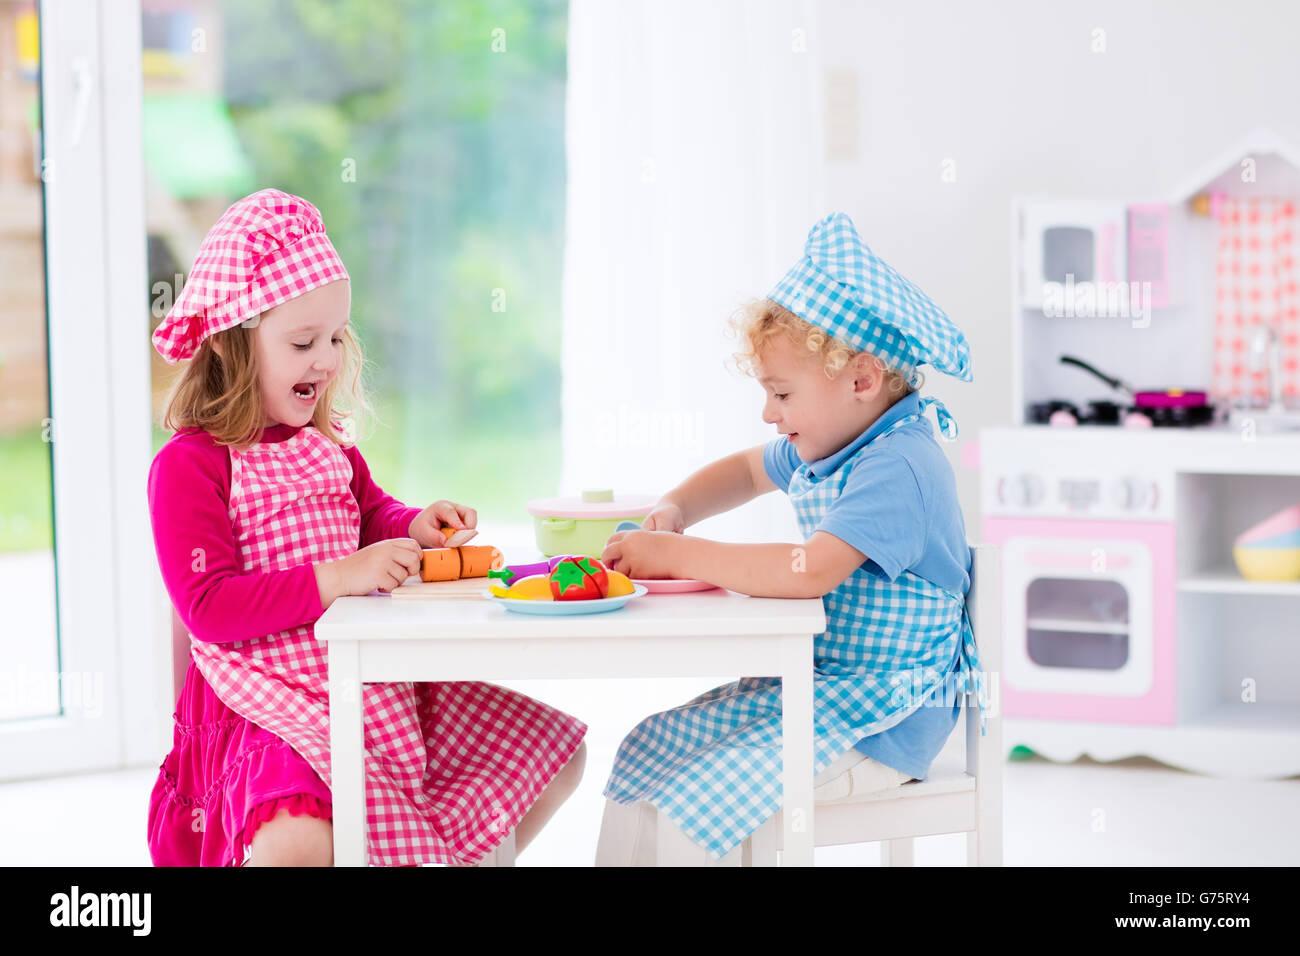 Kleine Mädchen und jungen in Koch Hut und Schürze in Spielzeug Küche ...